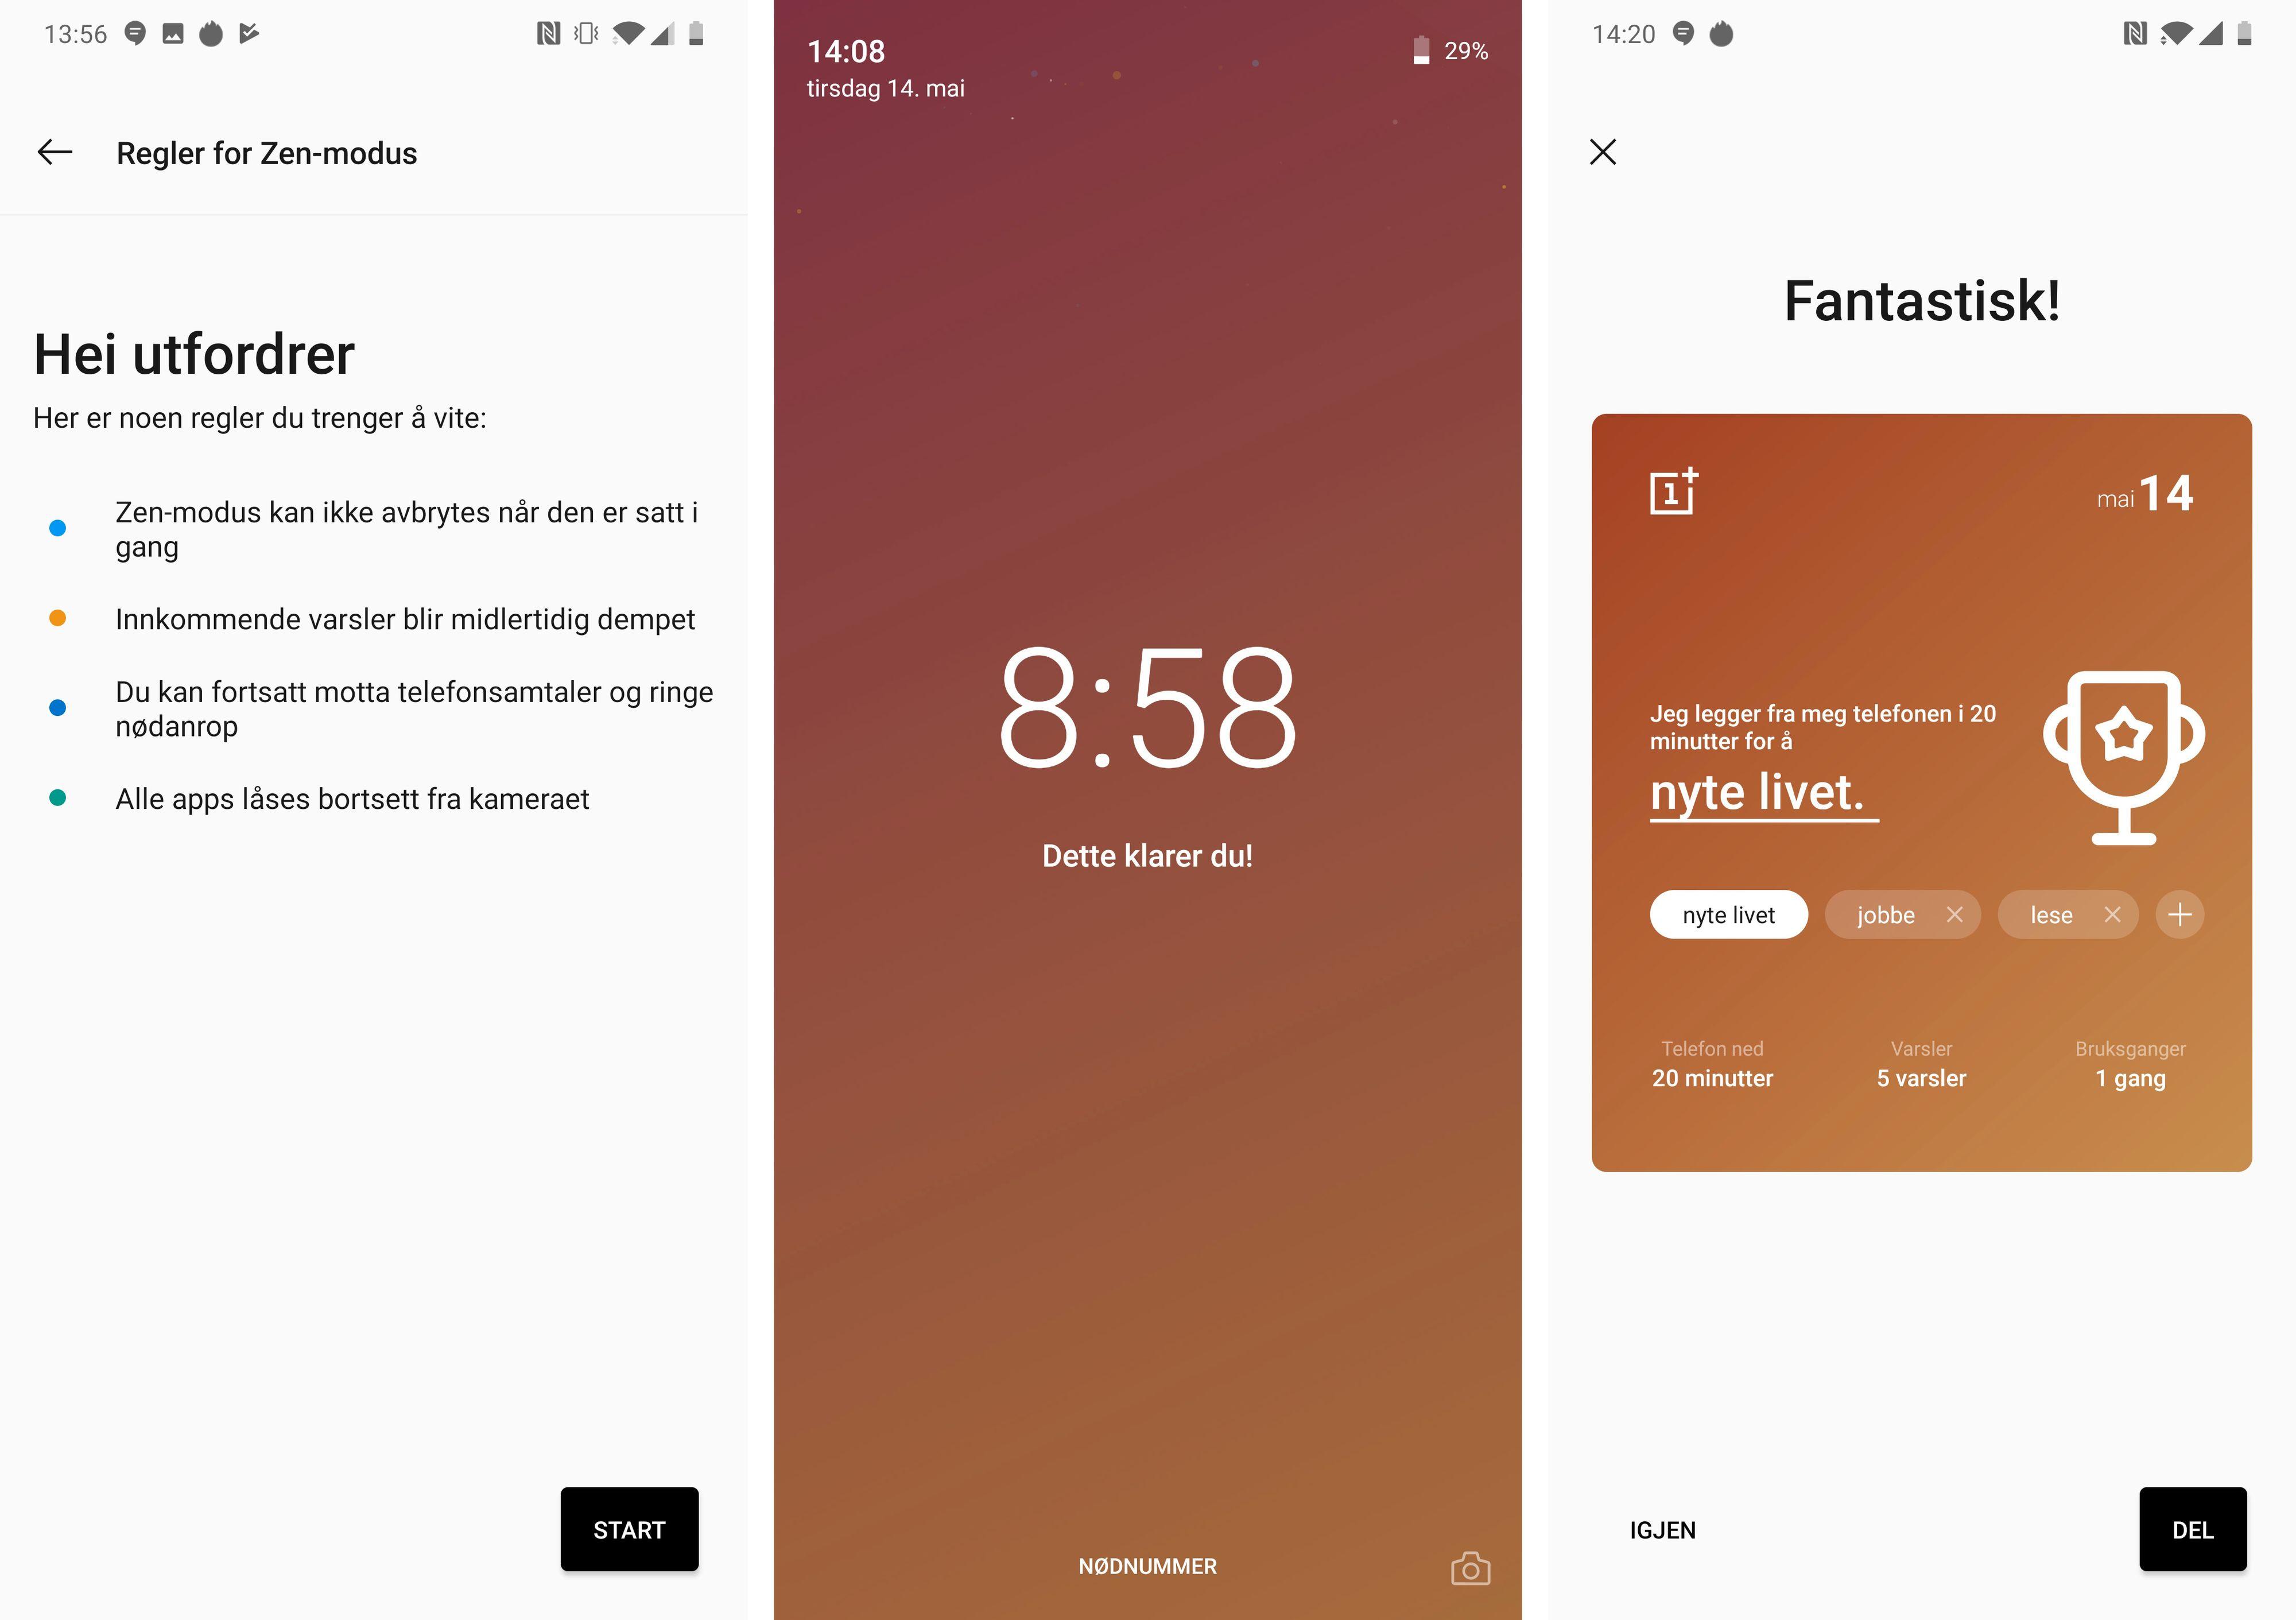 Det skal visstnok komme en oppdatering til Zen-modusen. Men foreløpig er dette slik den ser ut. Har du først aktivert den får du ikke gjort så mye med OnePlus 7 Pro. Jeg vet om flere som har ønsket seg slike funksjoner - og nå har altså funksjonen for oss uten egen viljestyrke dukket opp.